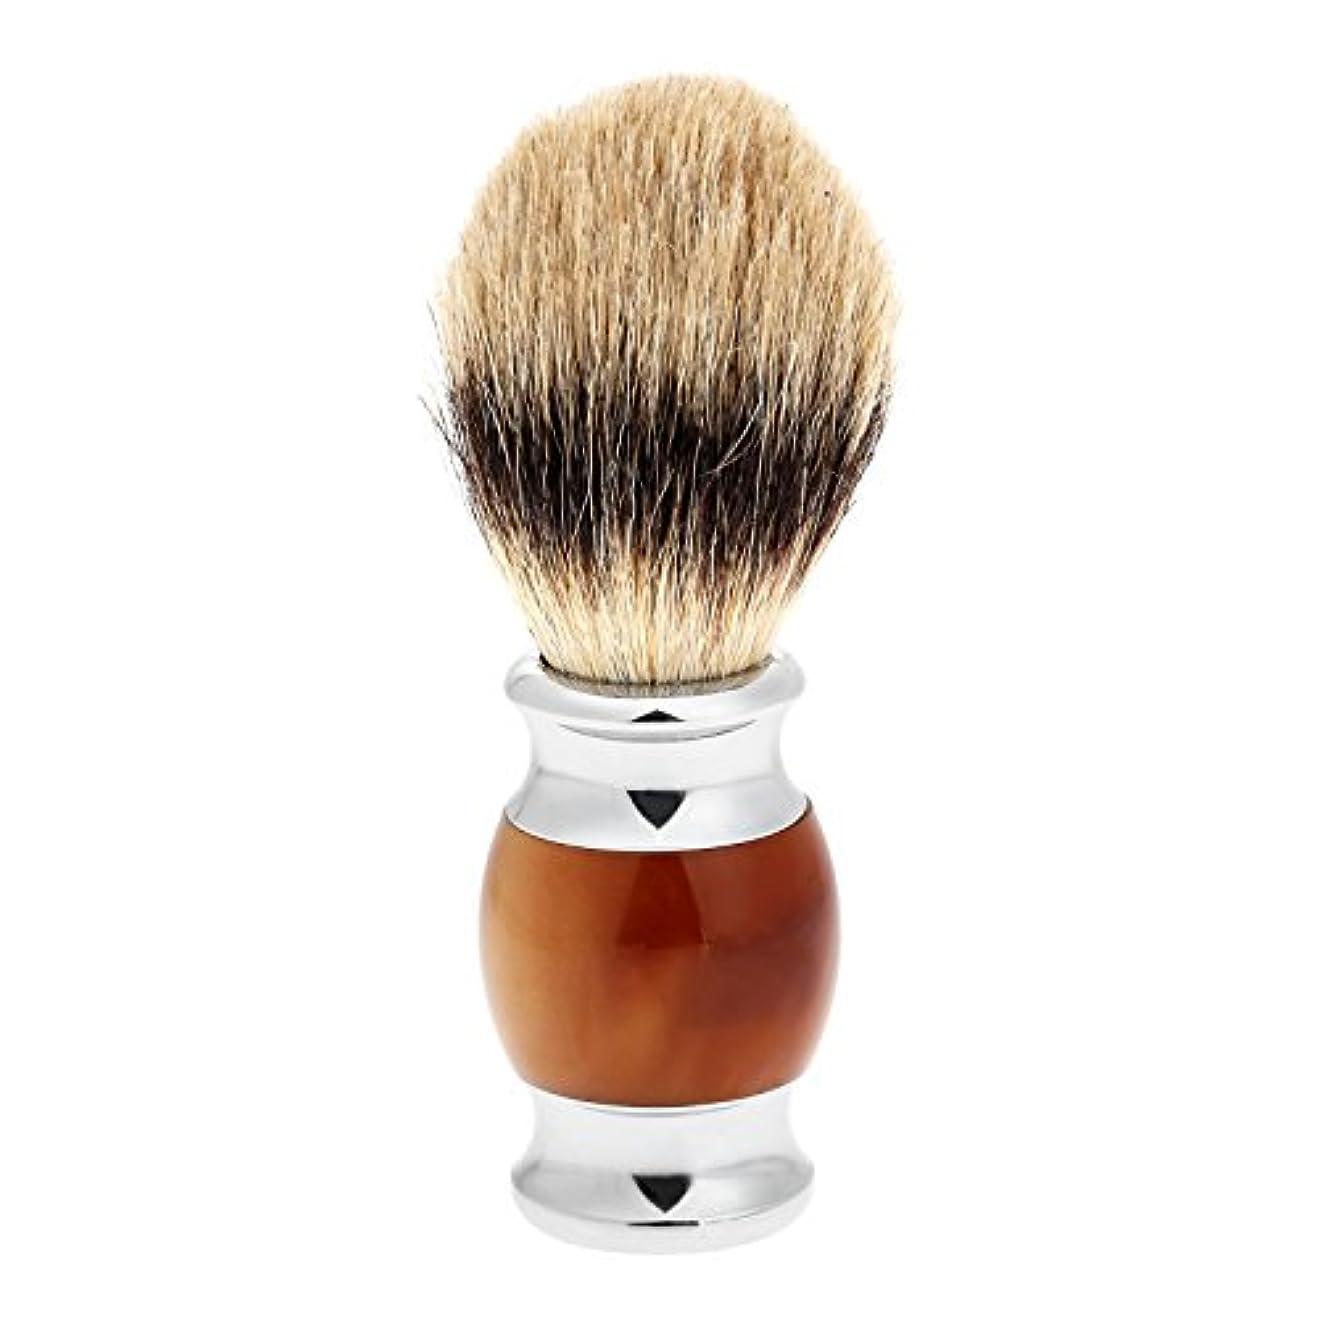 アーサーコナンドイル収束不良品1PC メンズ ひげブラシ アナグマ毛 シェービングブラシ バーバー シェービング用ブラシ 理容 洗顔 髭剃り